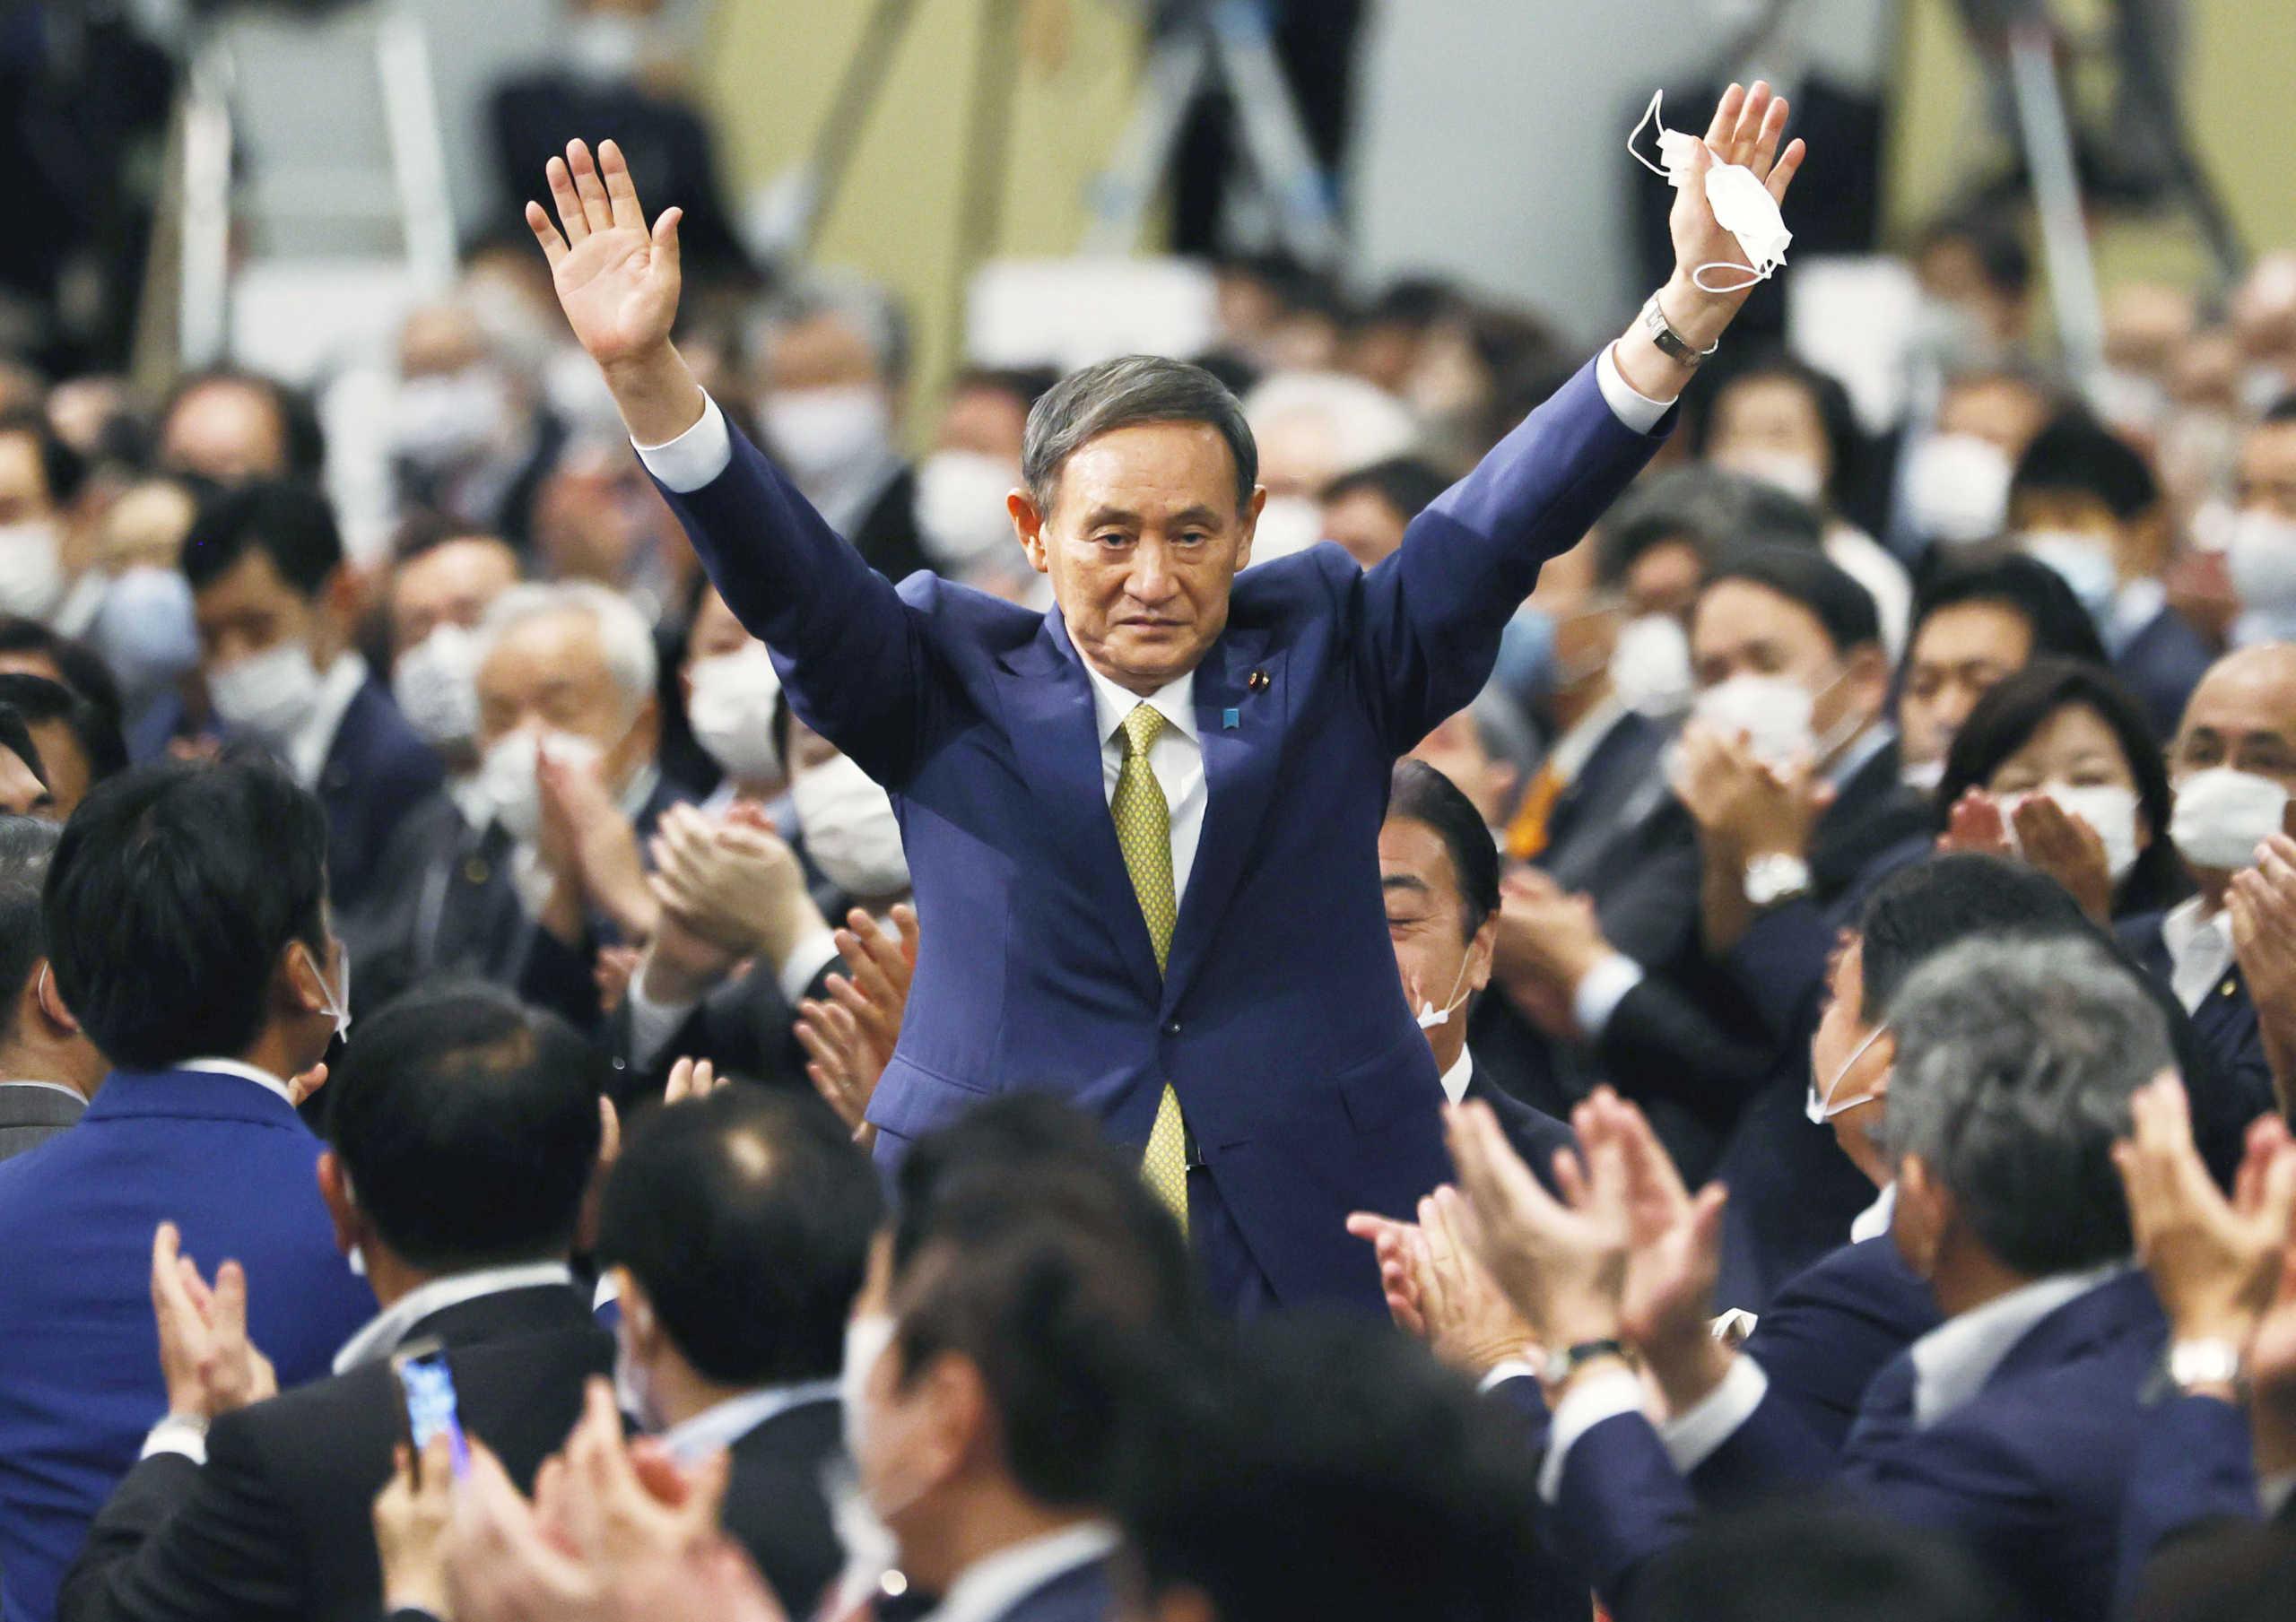 Γιοσιχίντε Σούγκα: Γιος φραουλοπαραγωγού και κάτοχος μαύρης ζώνης ο νέος πρωθυπουργός της Ιαπωνίας